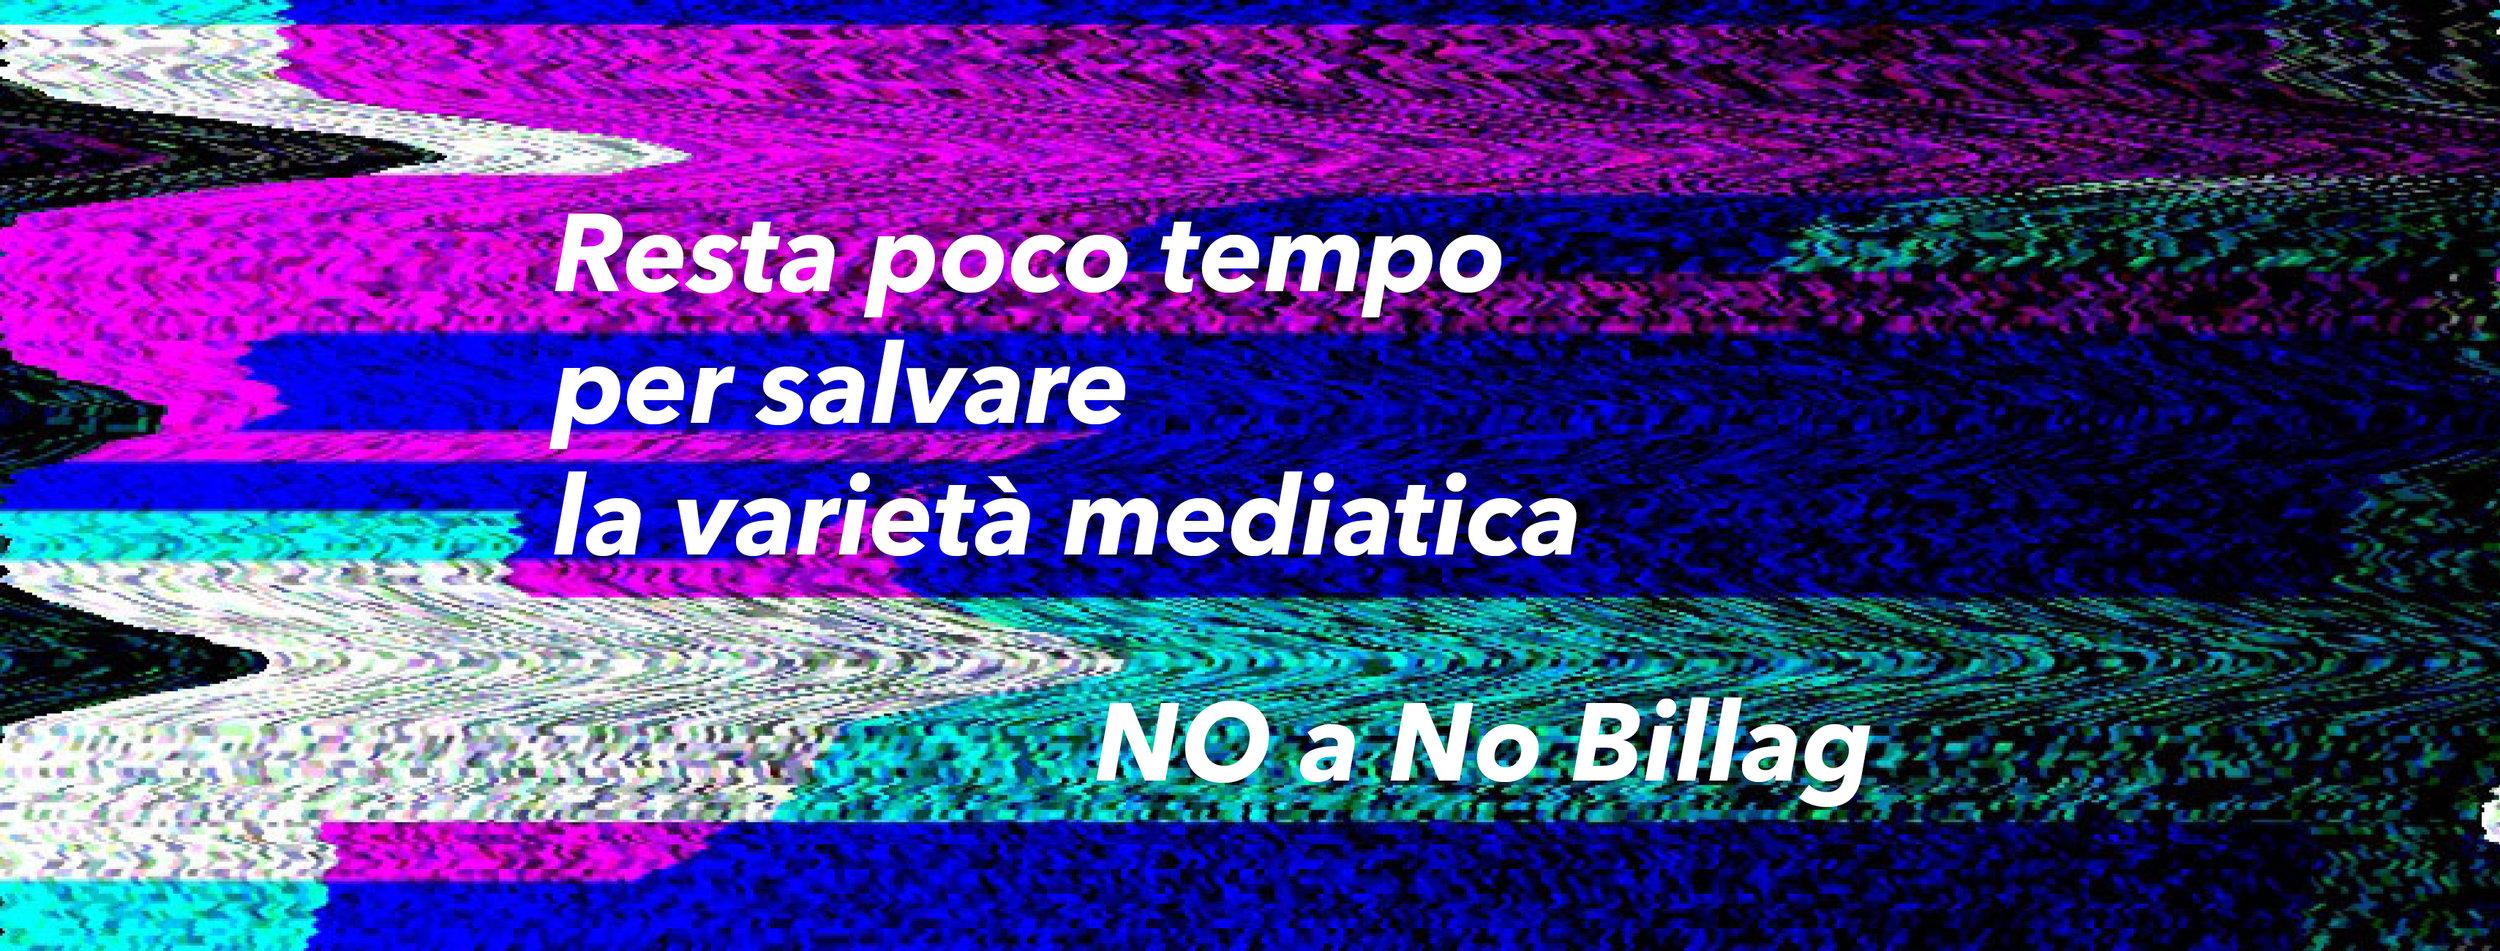 Banner_NoNoBillag_IT.jpg